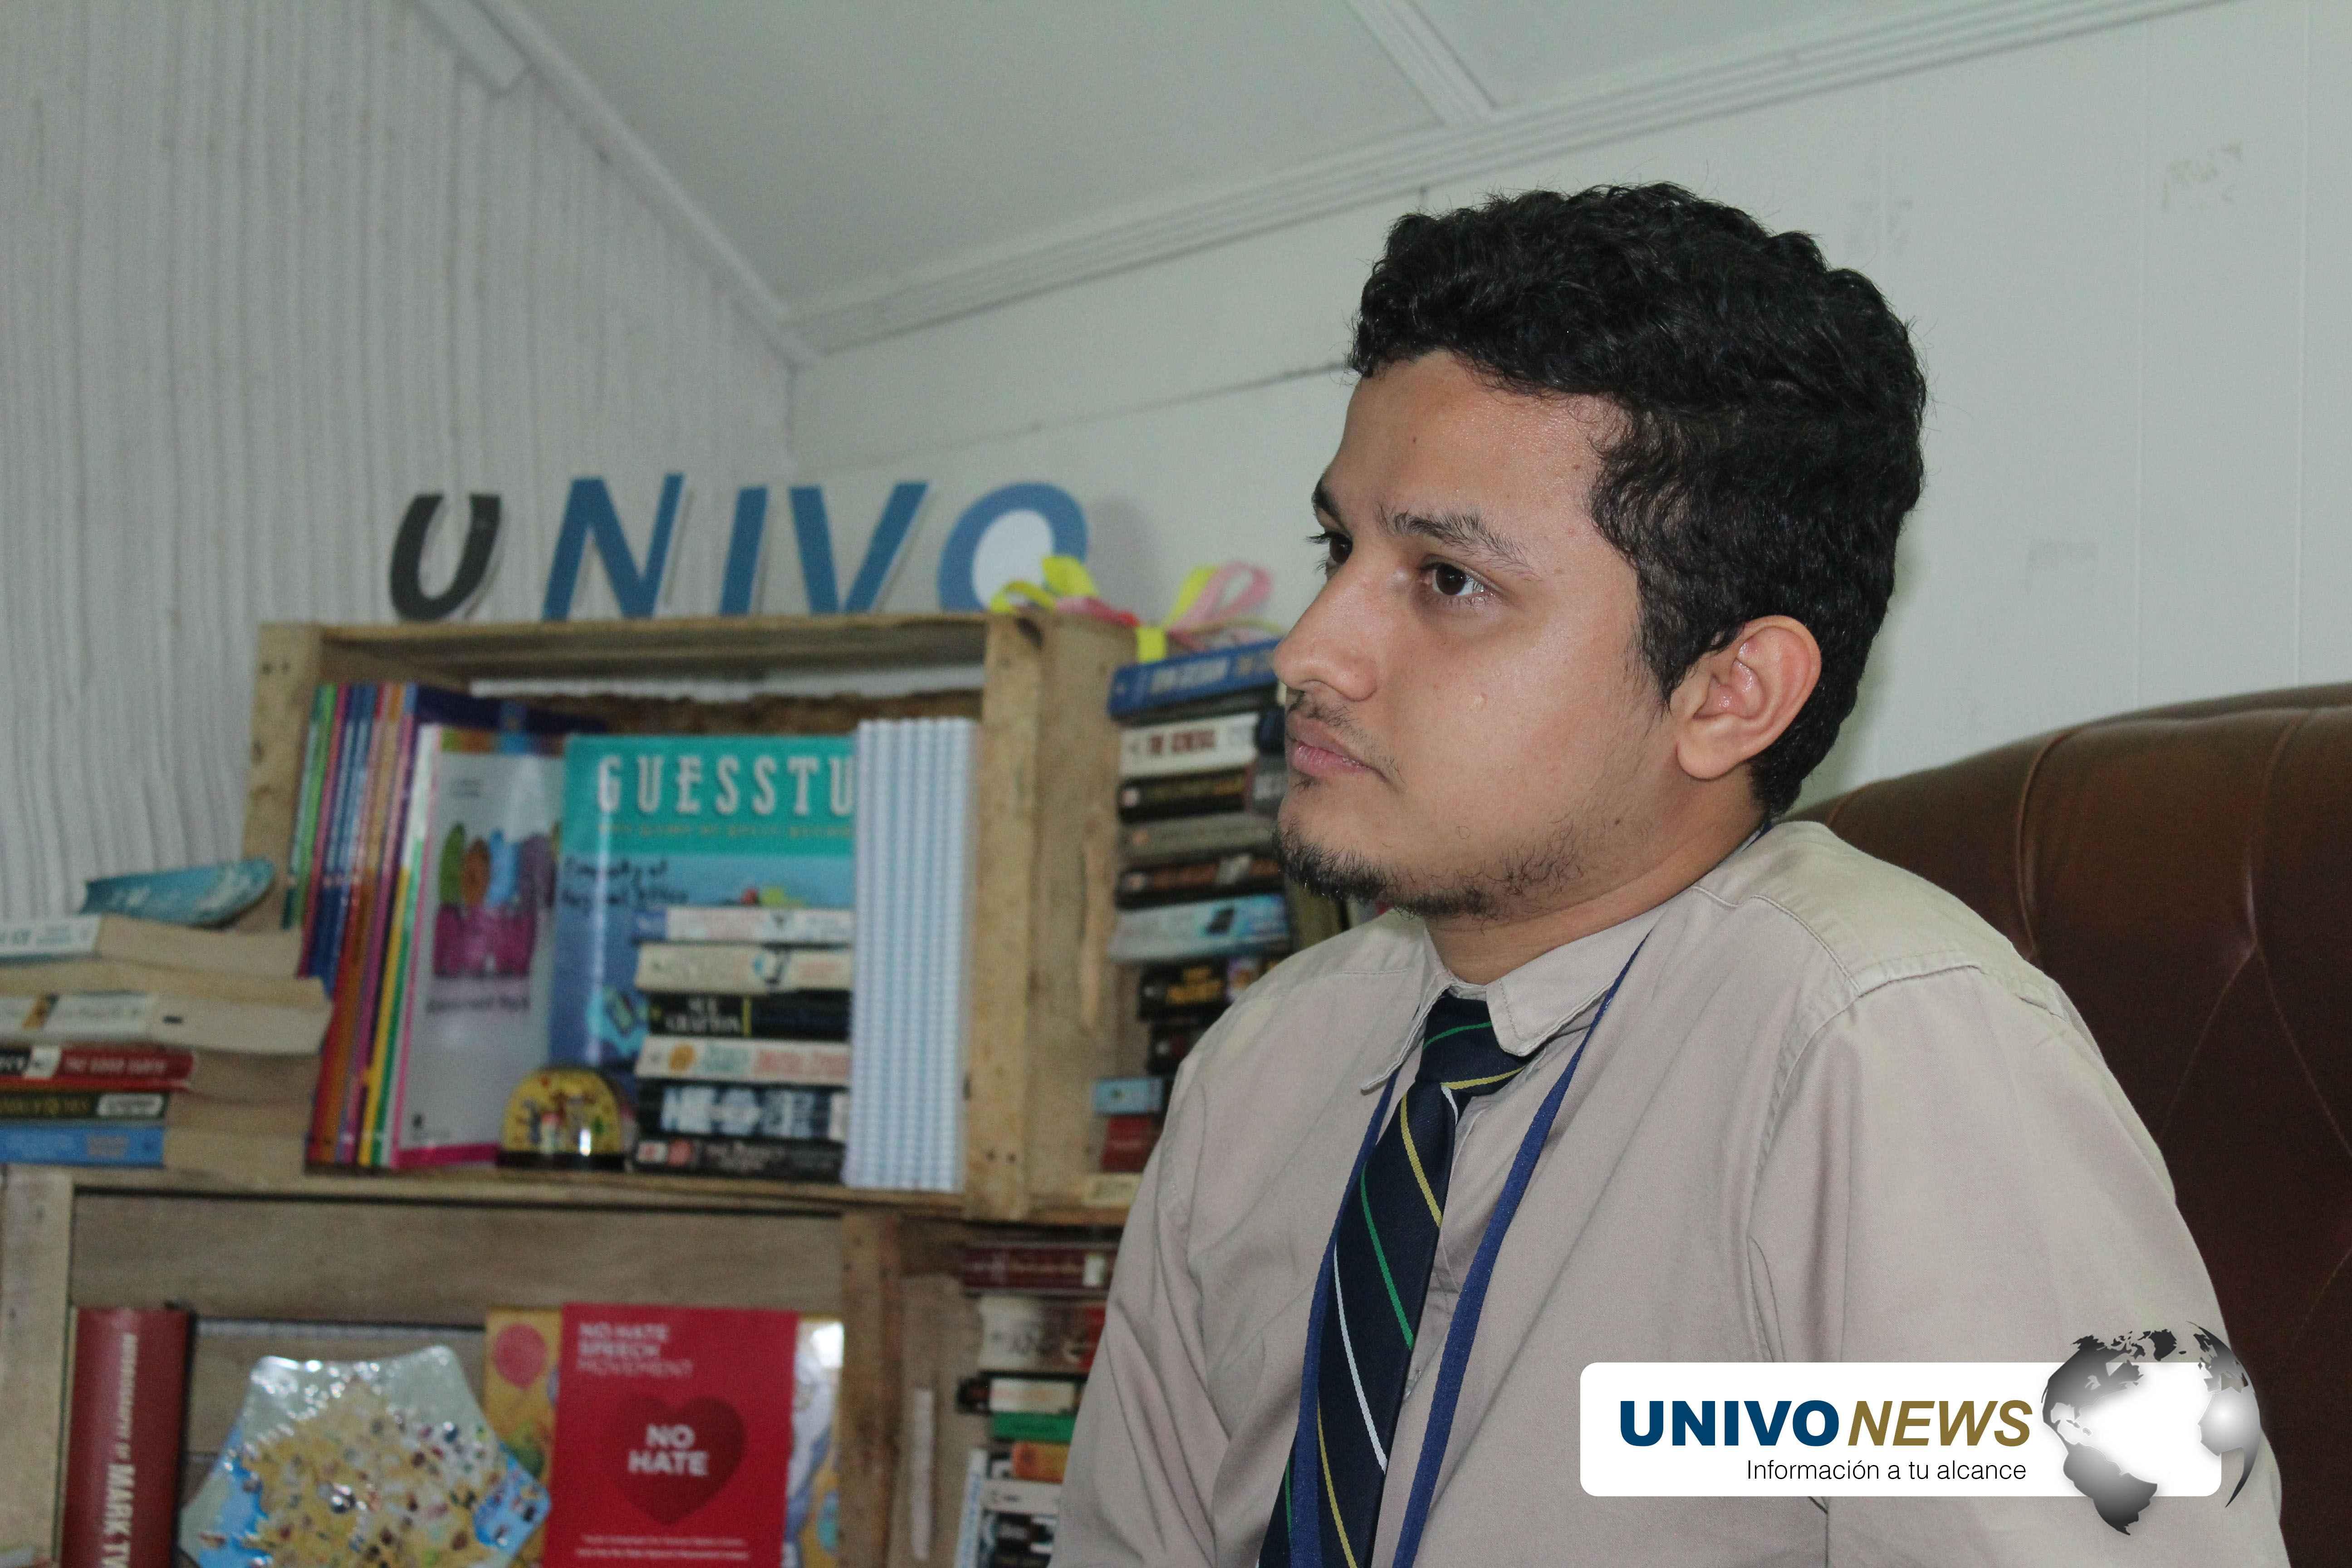 Photo of Joven lidera escuela de idiomas UNIVO